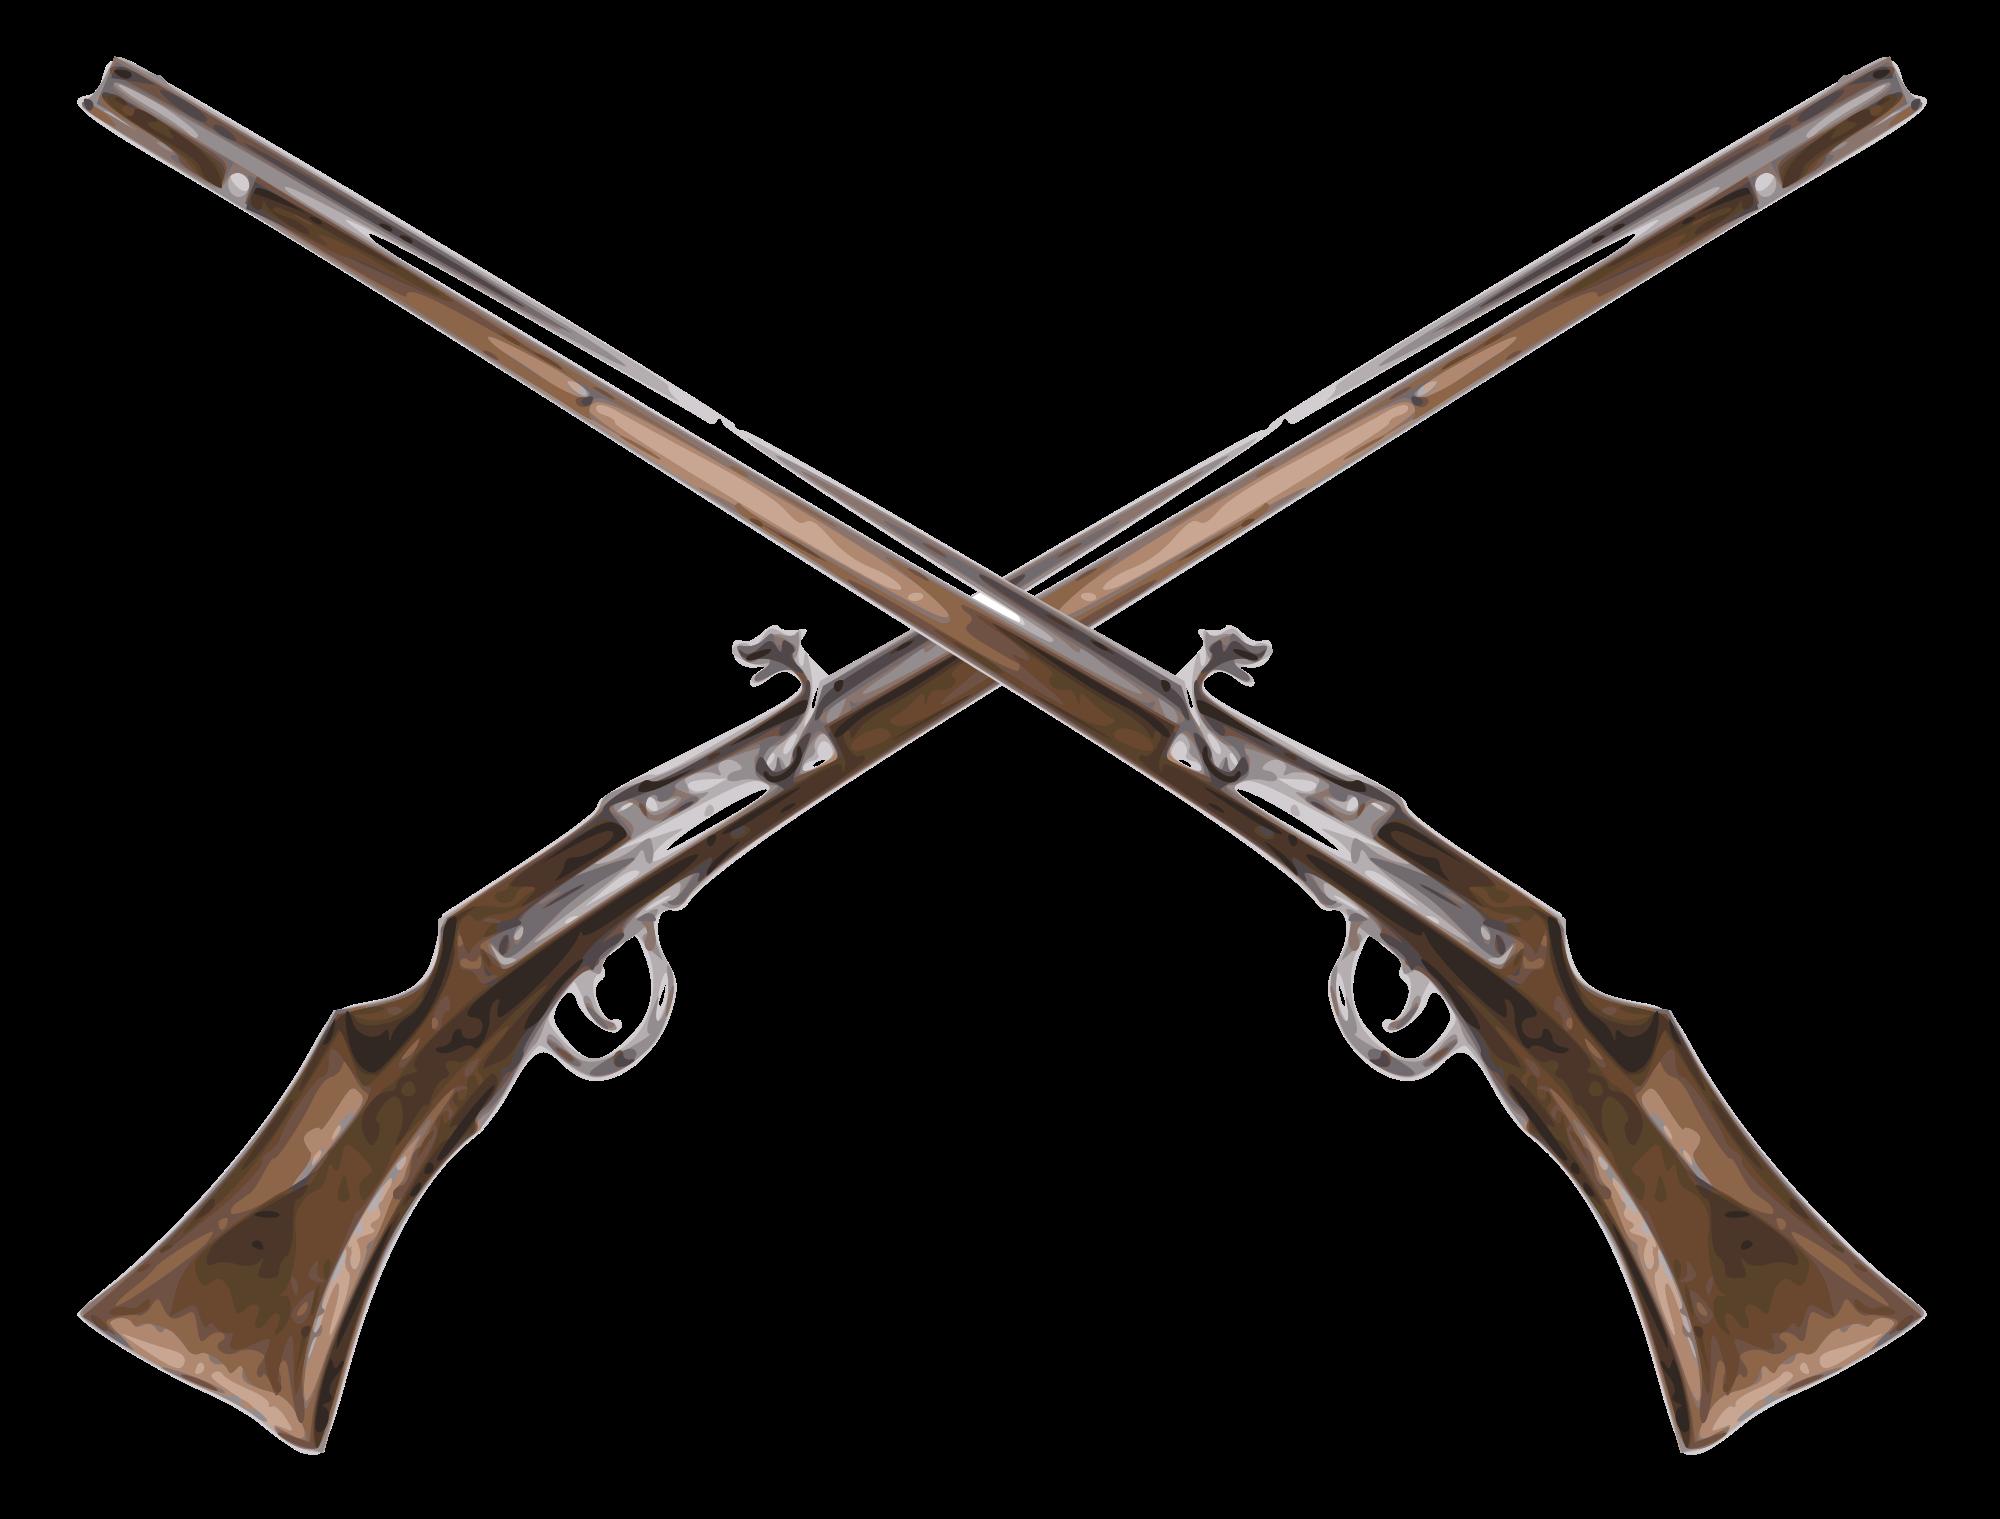 clipart royalty free stock Musket Flintlock Firearm Matchlock Rifle